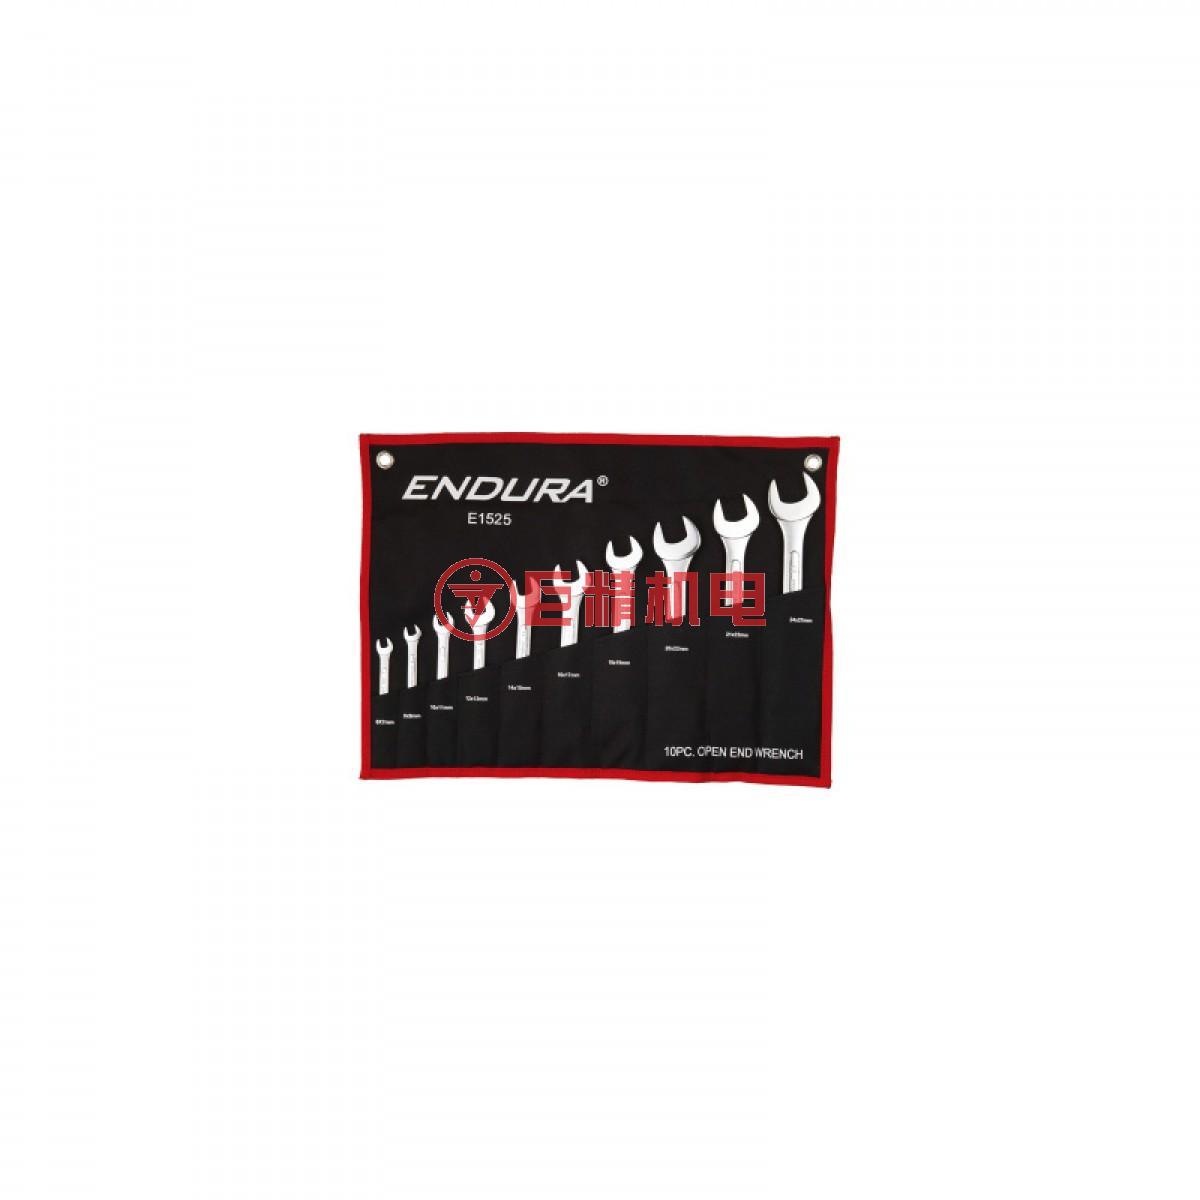 物业机电书册_力易得 10件套双开口扳手 E1525 | 巨精机电